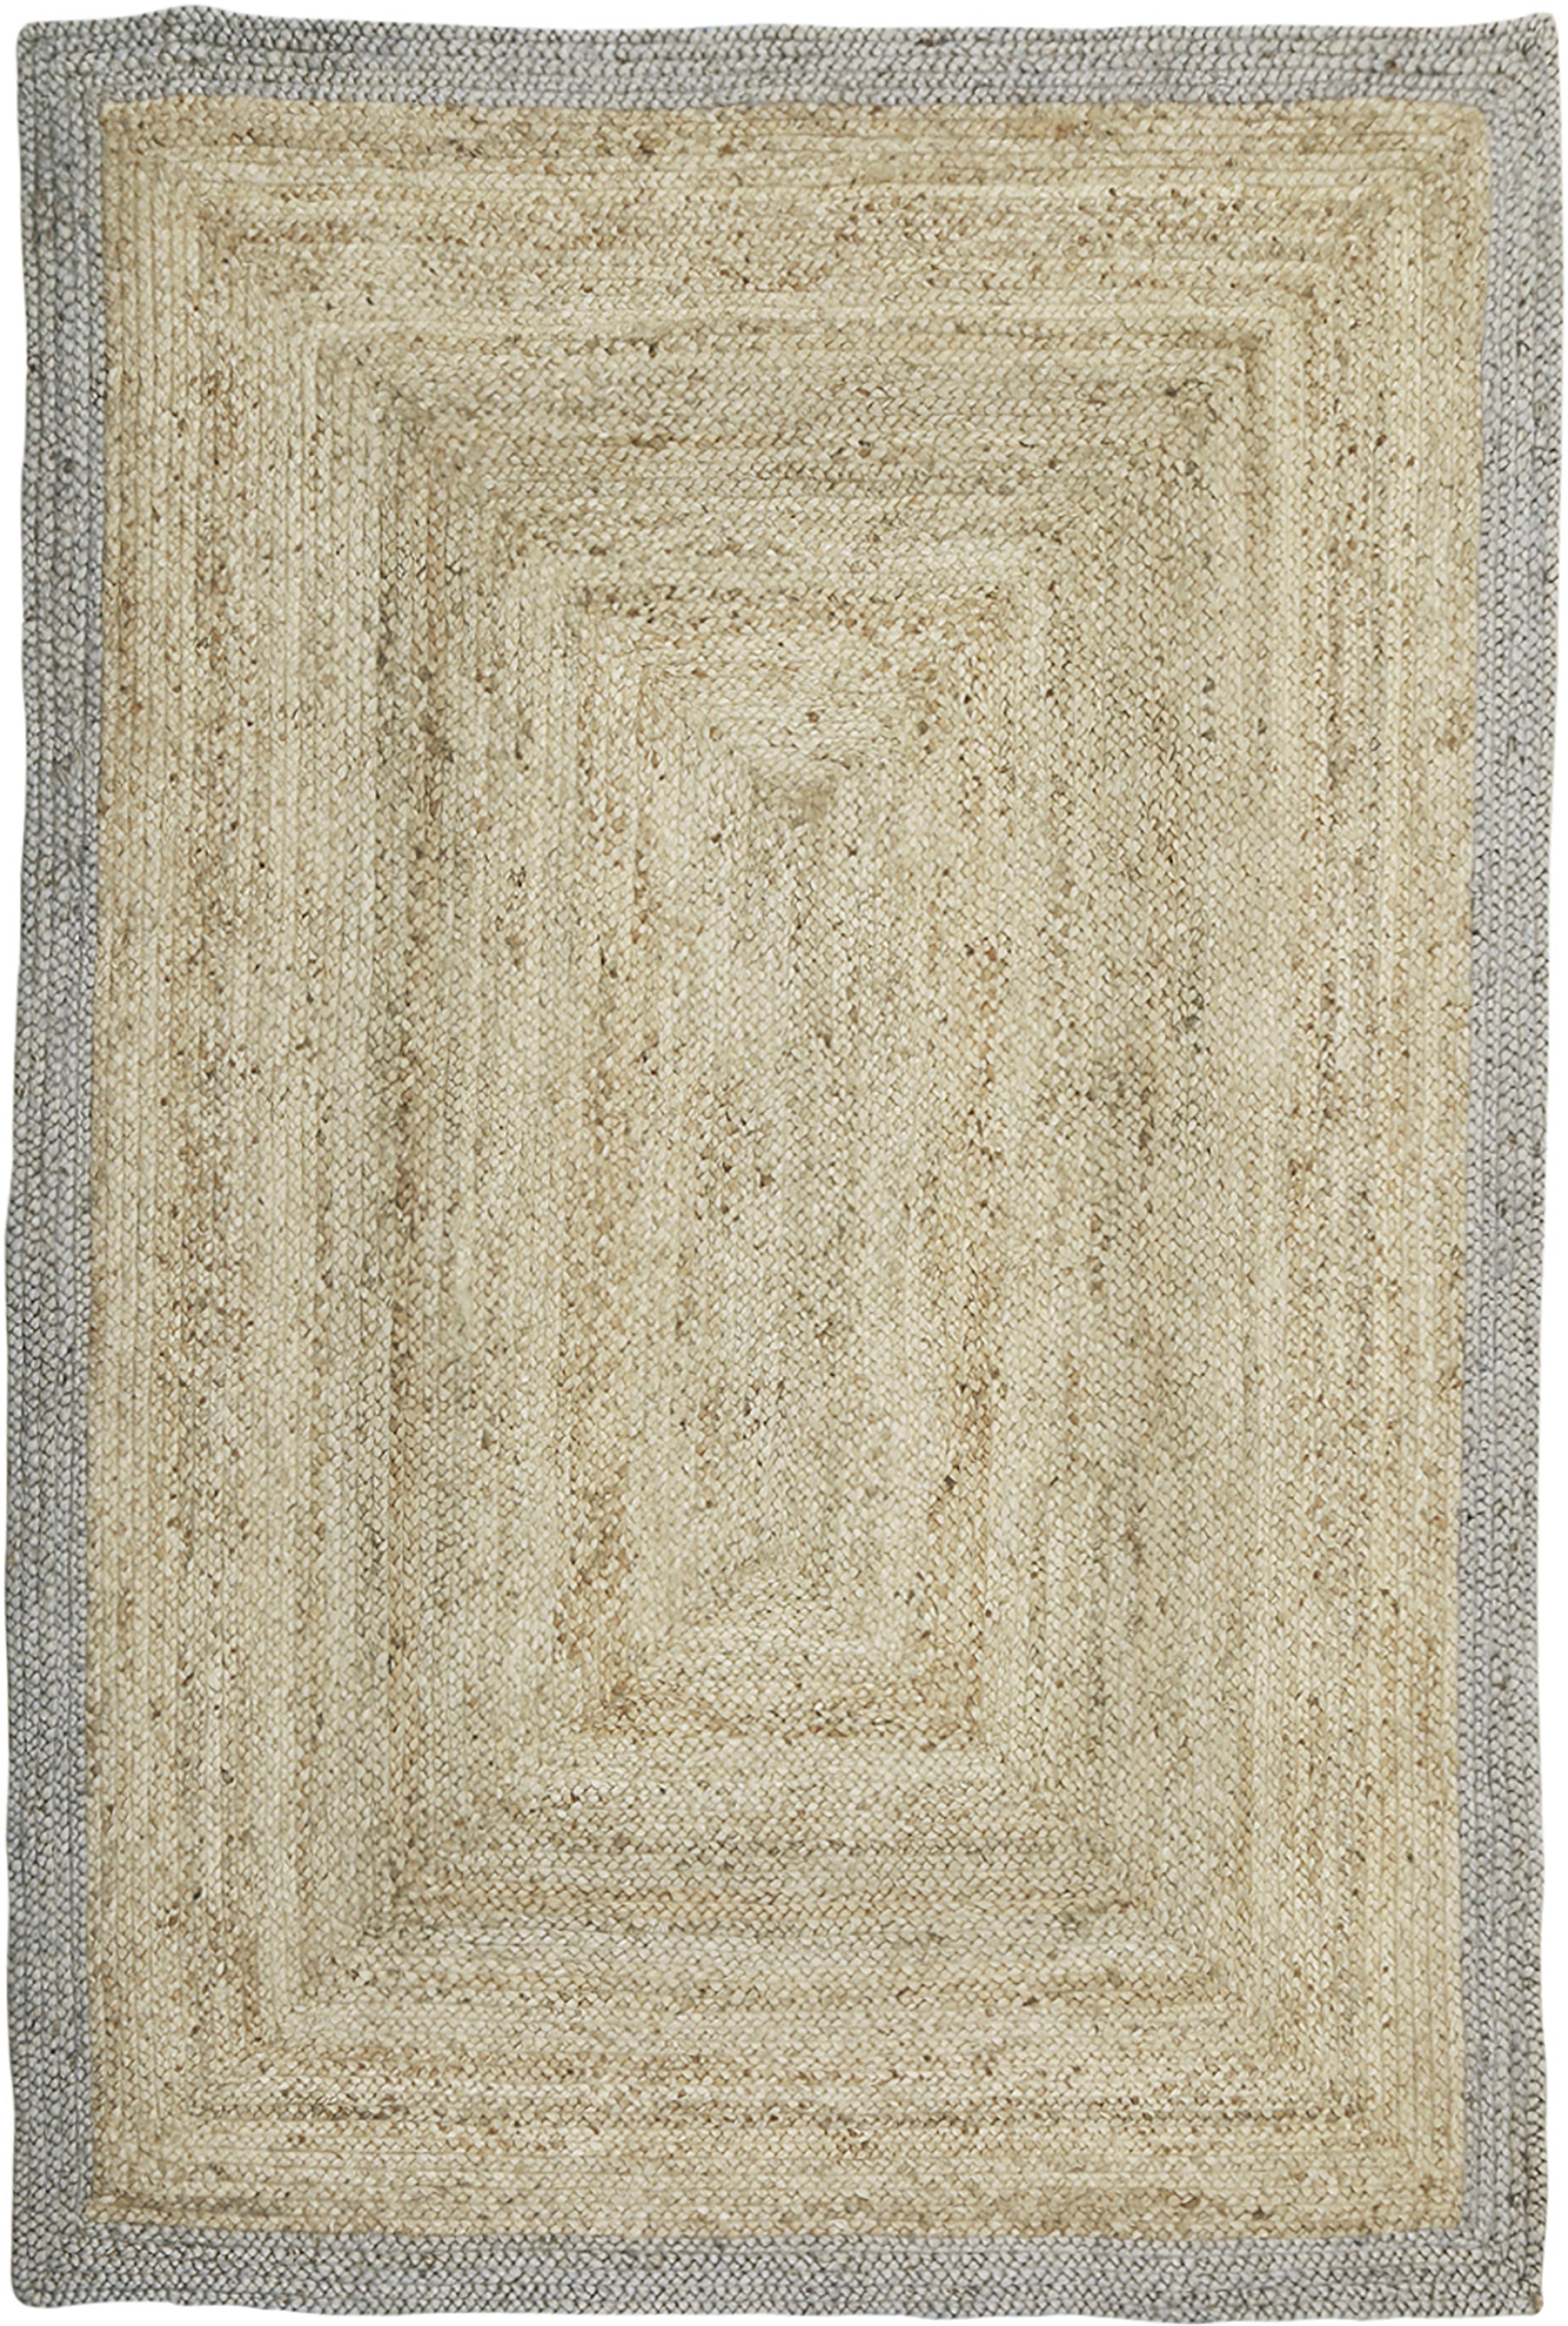 Handgefertigter Jute-Teppich Shanta mit grauem Rand, Beige, Grau, B 160 x L 230 cm (Grösse M)